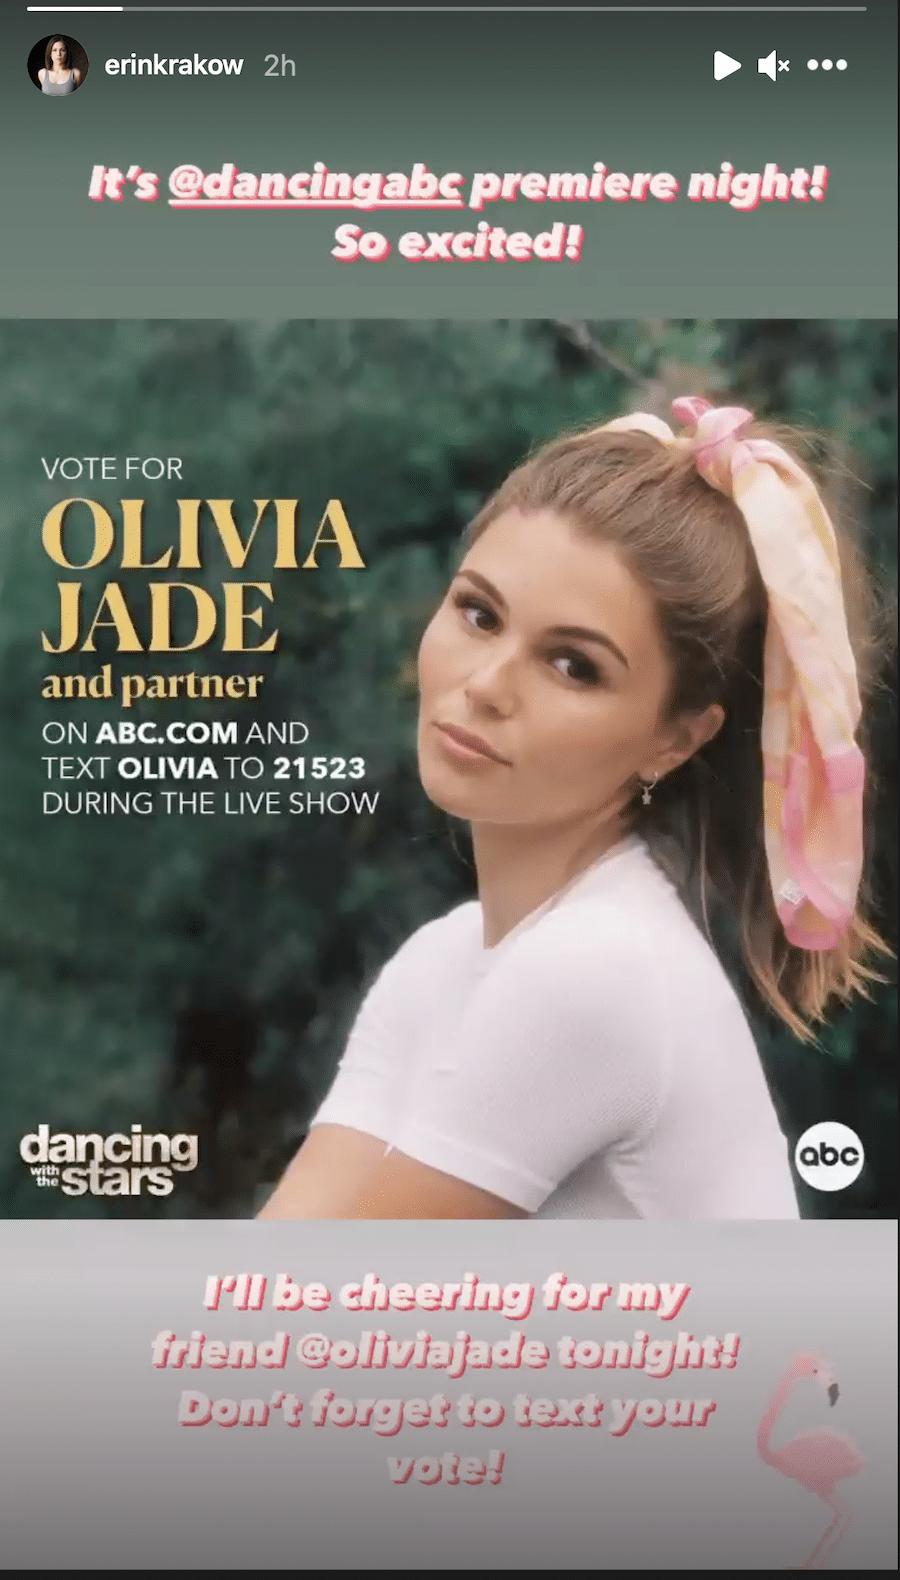 When Calls The Heart, Olivia Jade-https://www.instagram.com/erinkrakow/